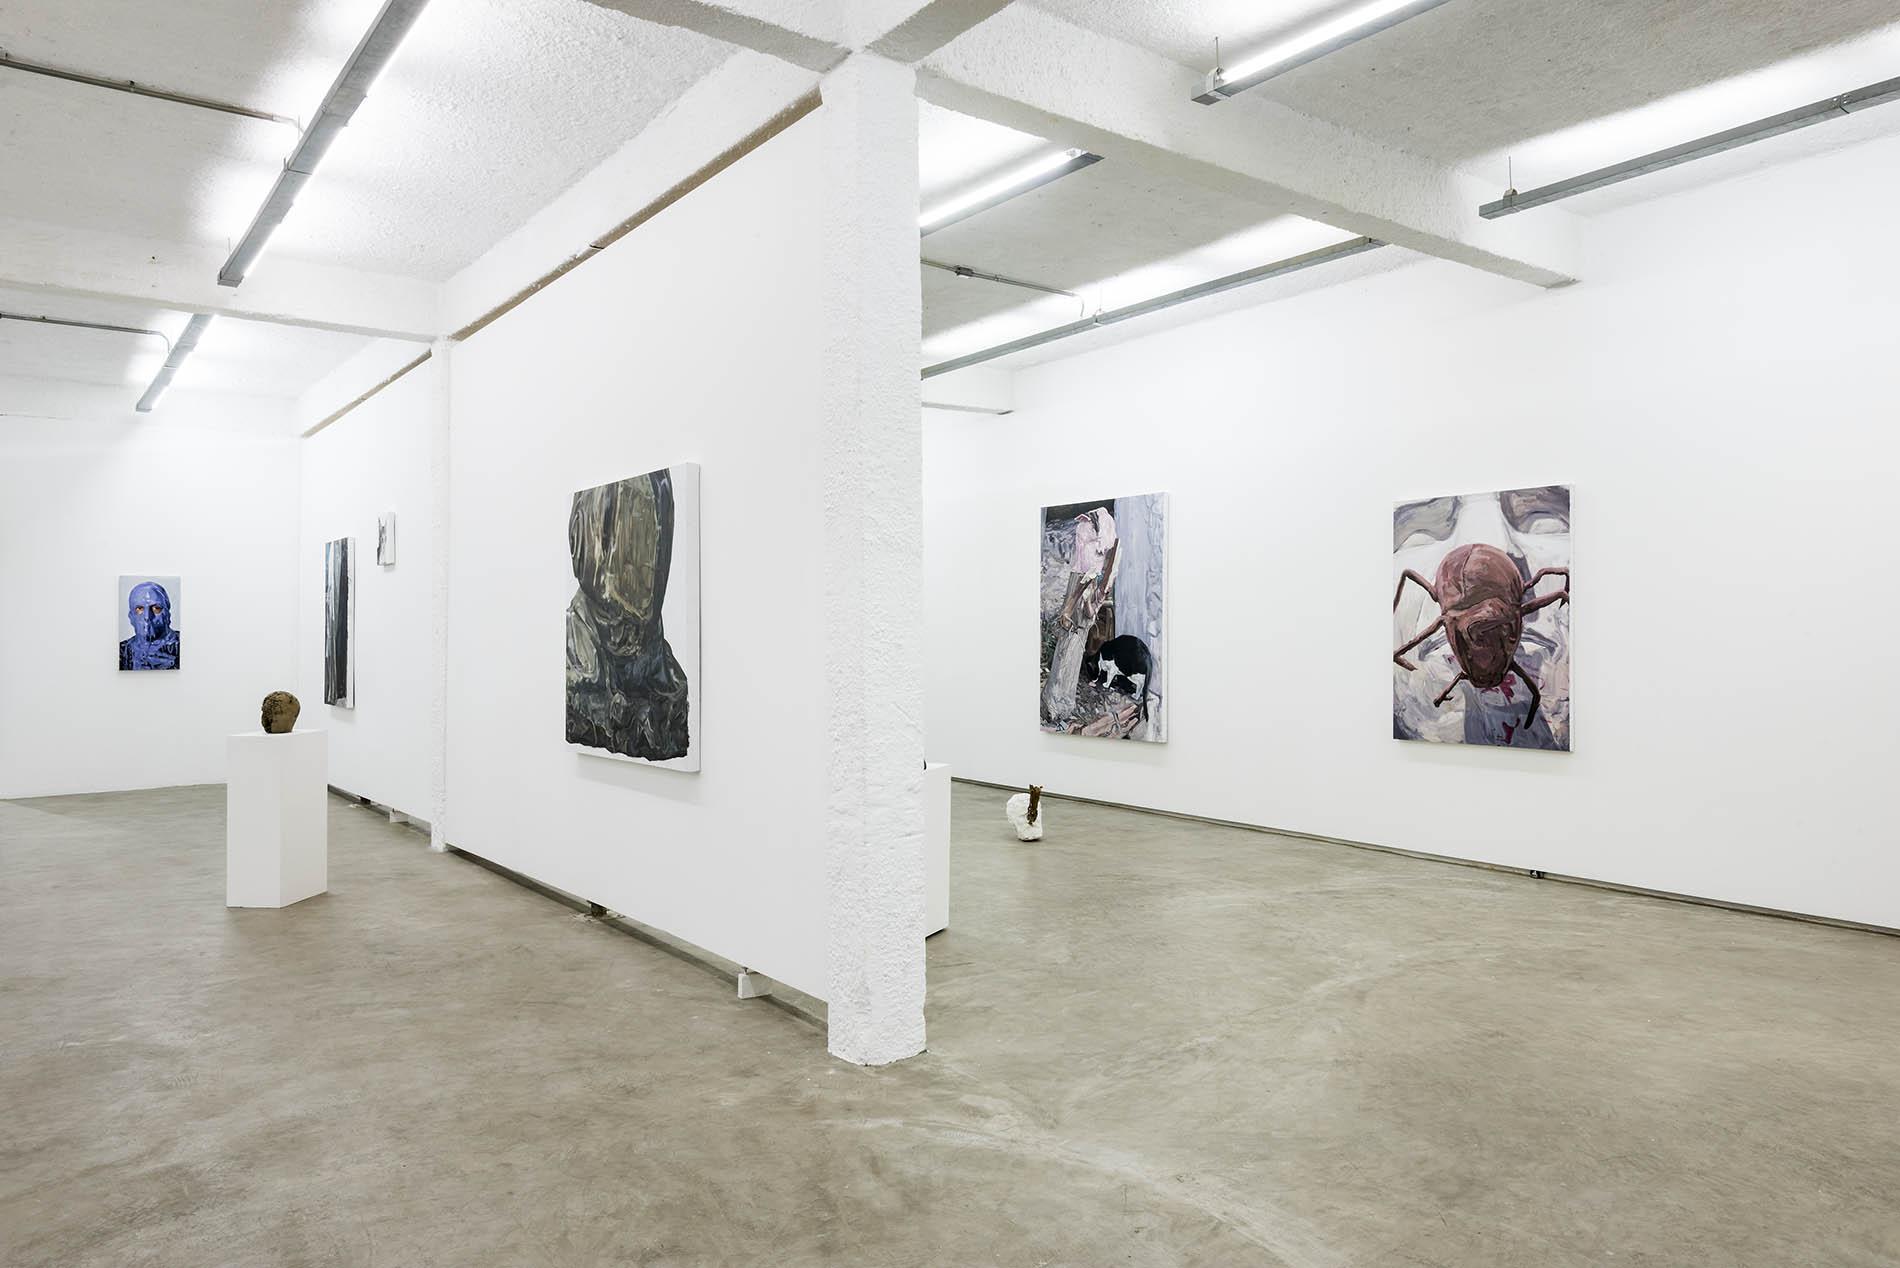 Central Galeria_Rodrigo Martins_03_Ding Musa.jpg